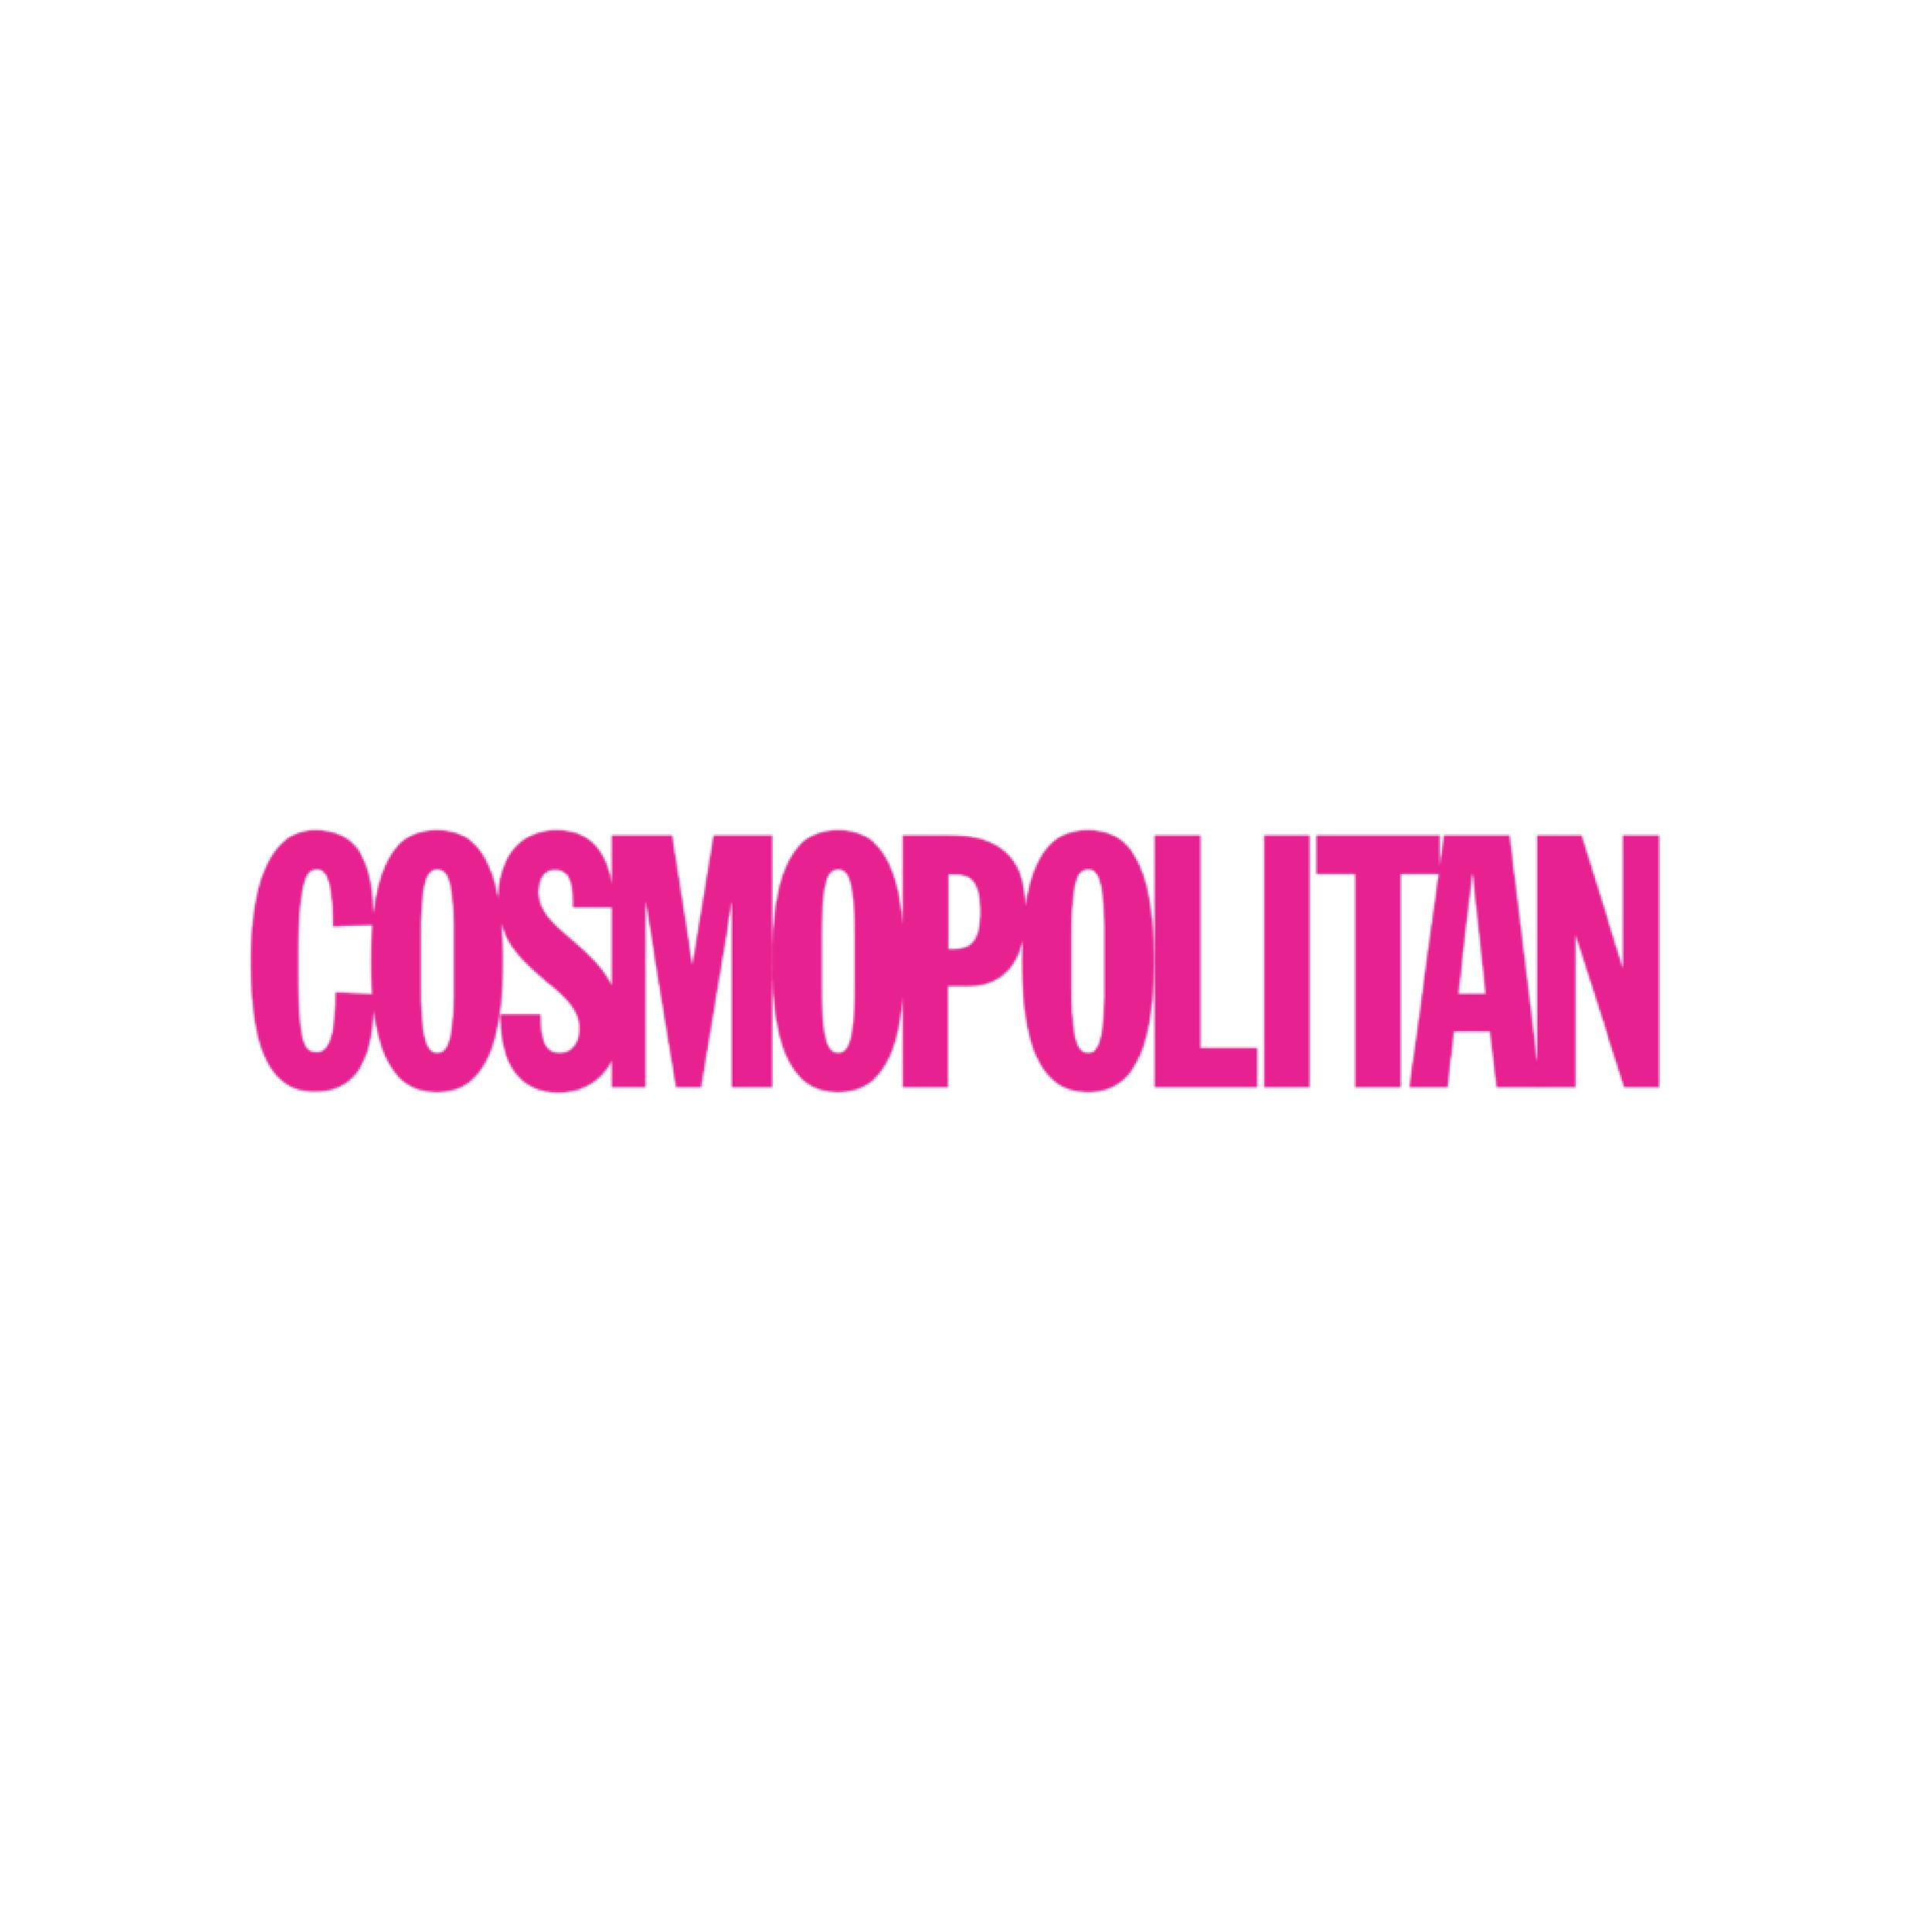 Cosmopolitan–covensite.png